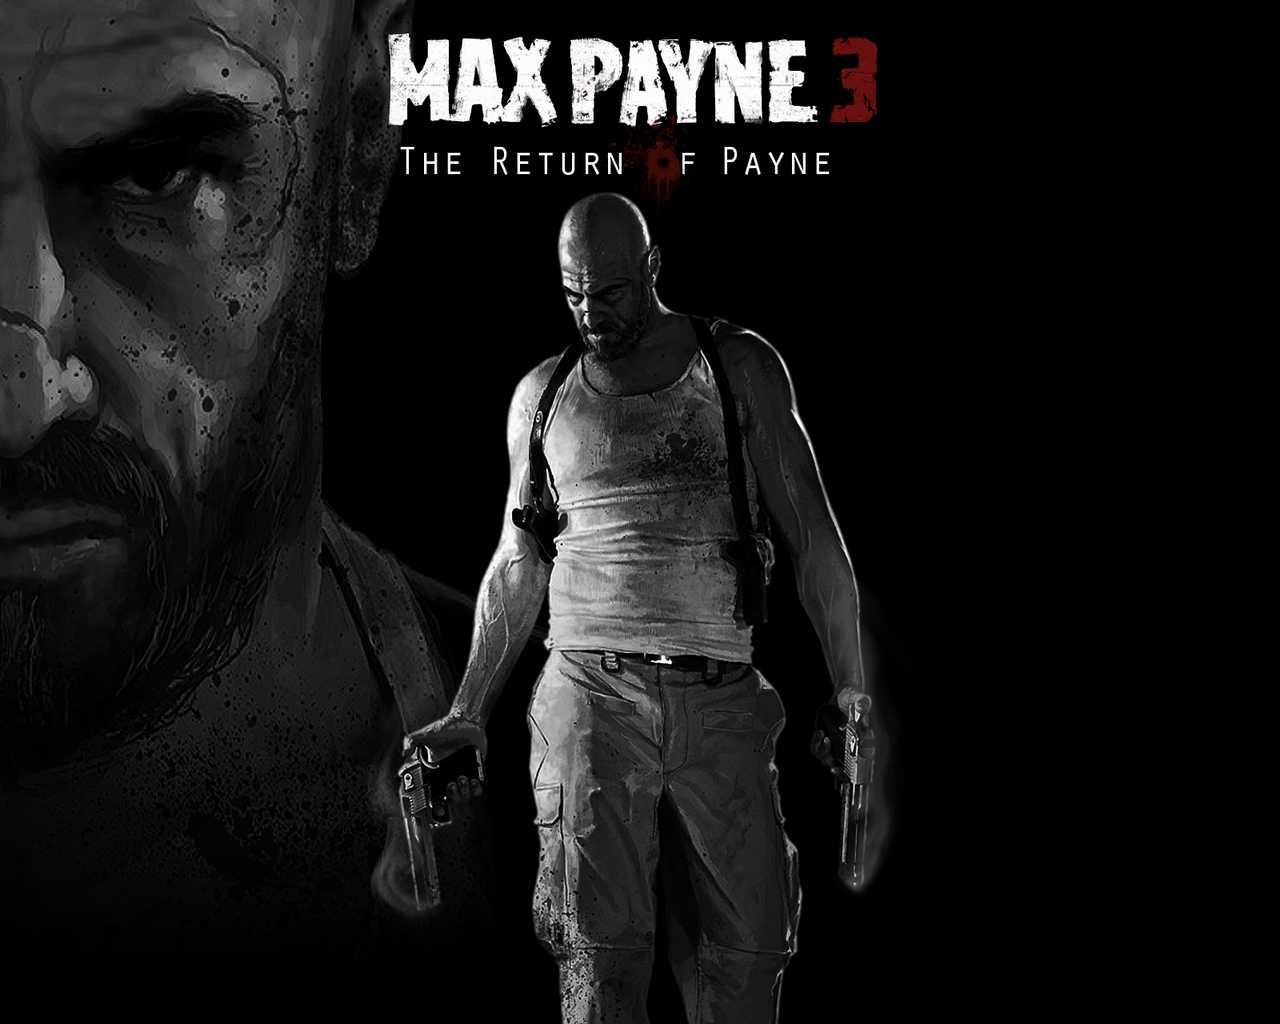 http://4.bp.blogspot.com/-WXxMGou9TwI/UNdE_HbV9bI/AAAAAAAAqJA/bYd5_wmSCOQ/s1600/1280x1024+Wallpaper+-+Max+Payne+3+-+01AB9B087.jpg